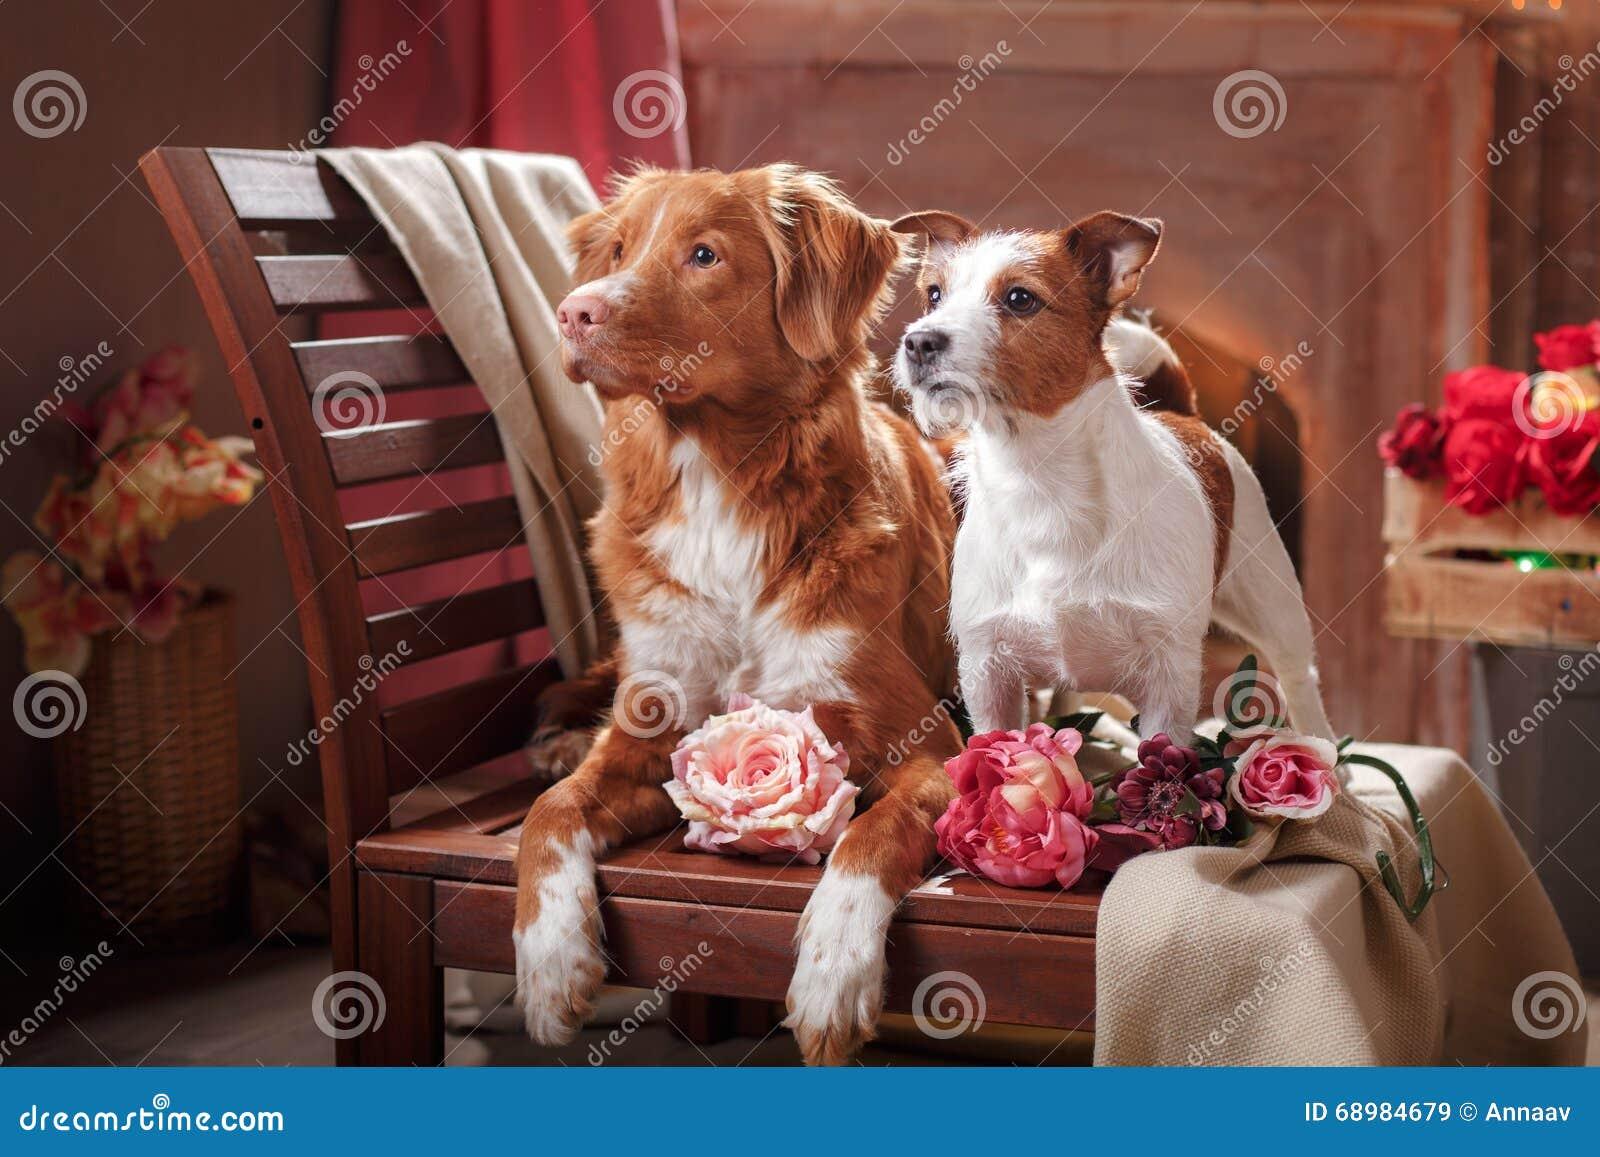 Los perros Jack Russell Terrier y el retrato de Nova Scotia Duck Tolling Retriever del perro persiguen la mentira en una silla en